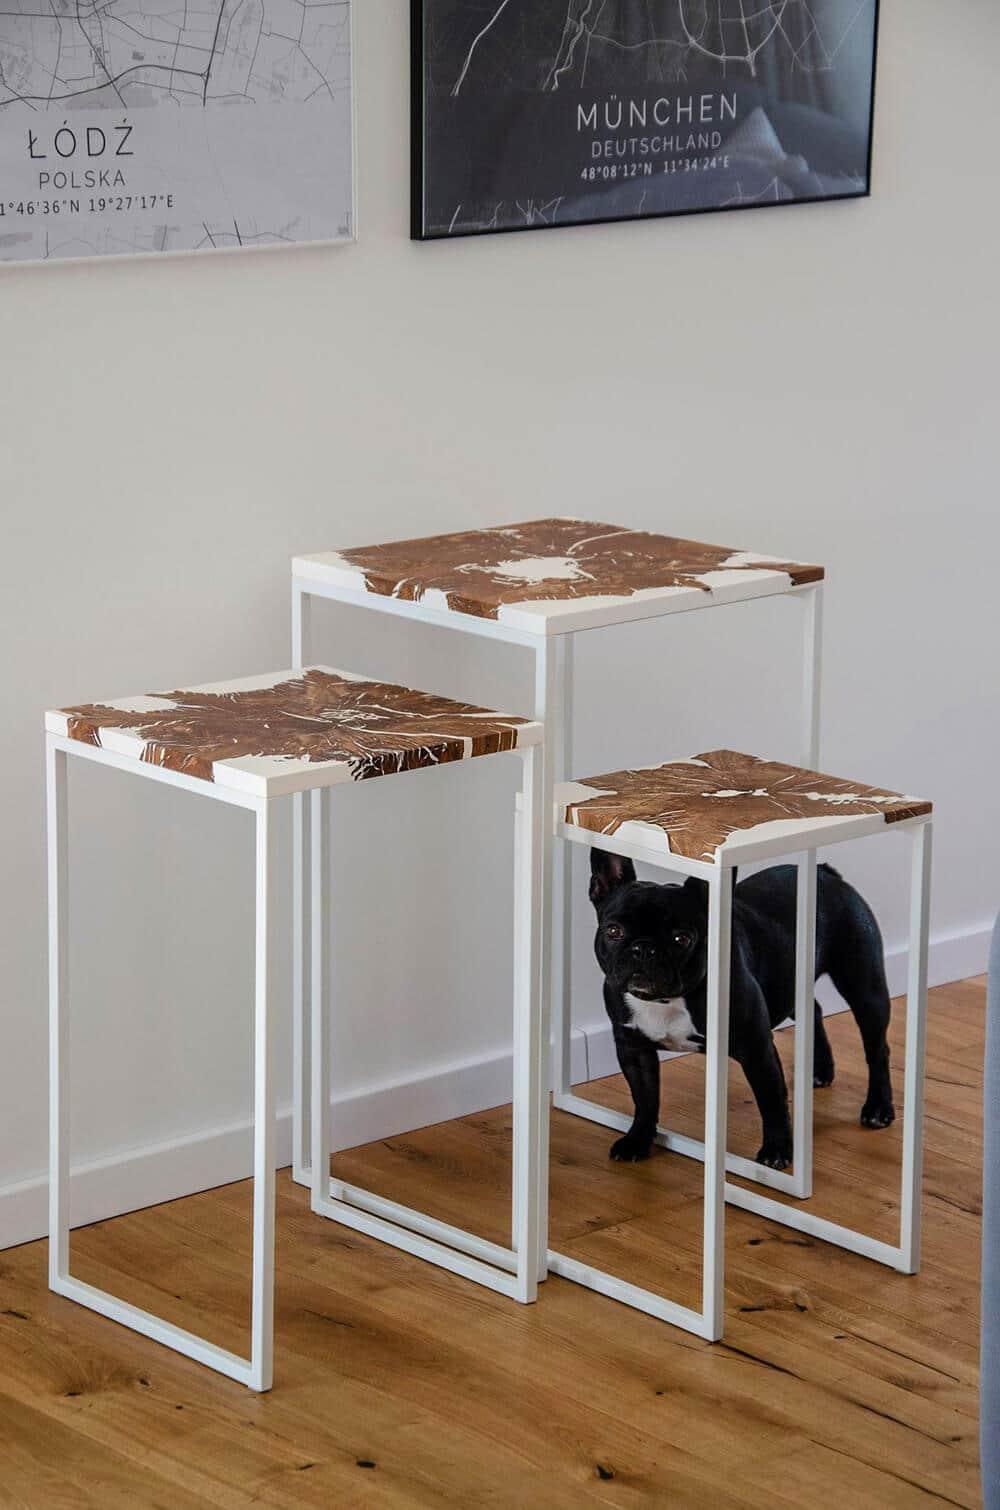 Siła konfiguracji, czyli jak zaprojektować wymarzony stół